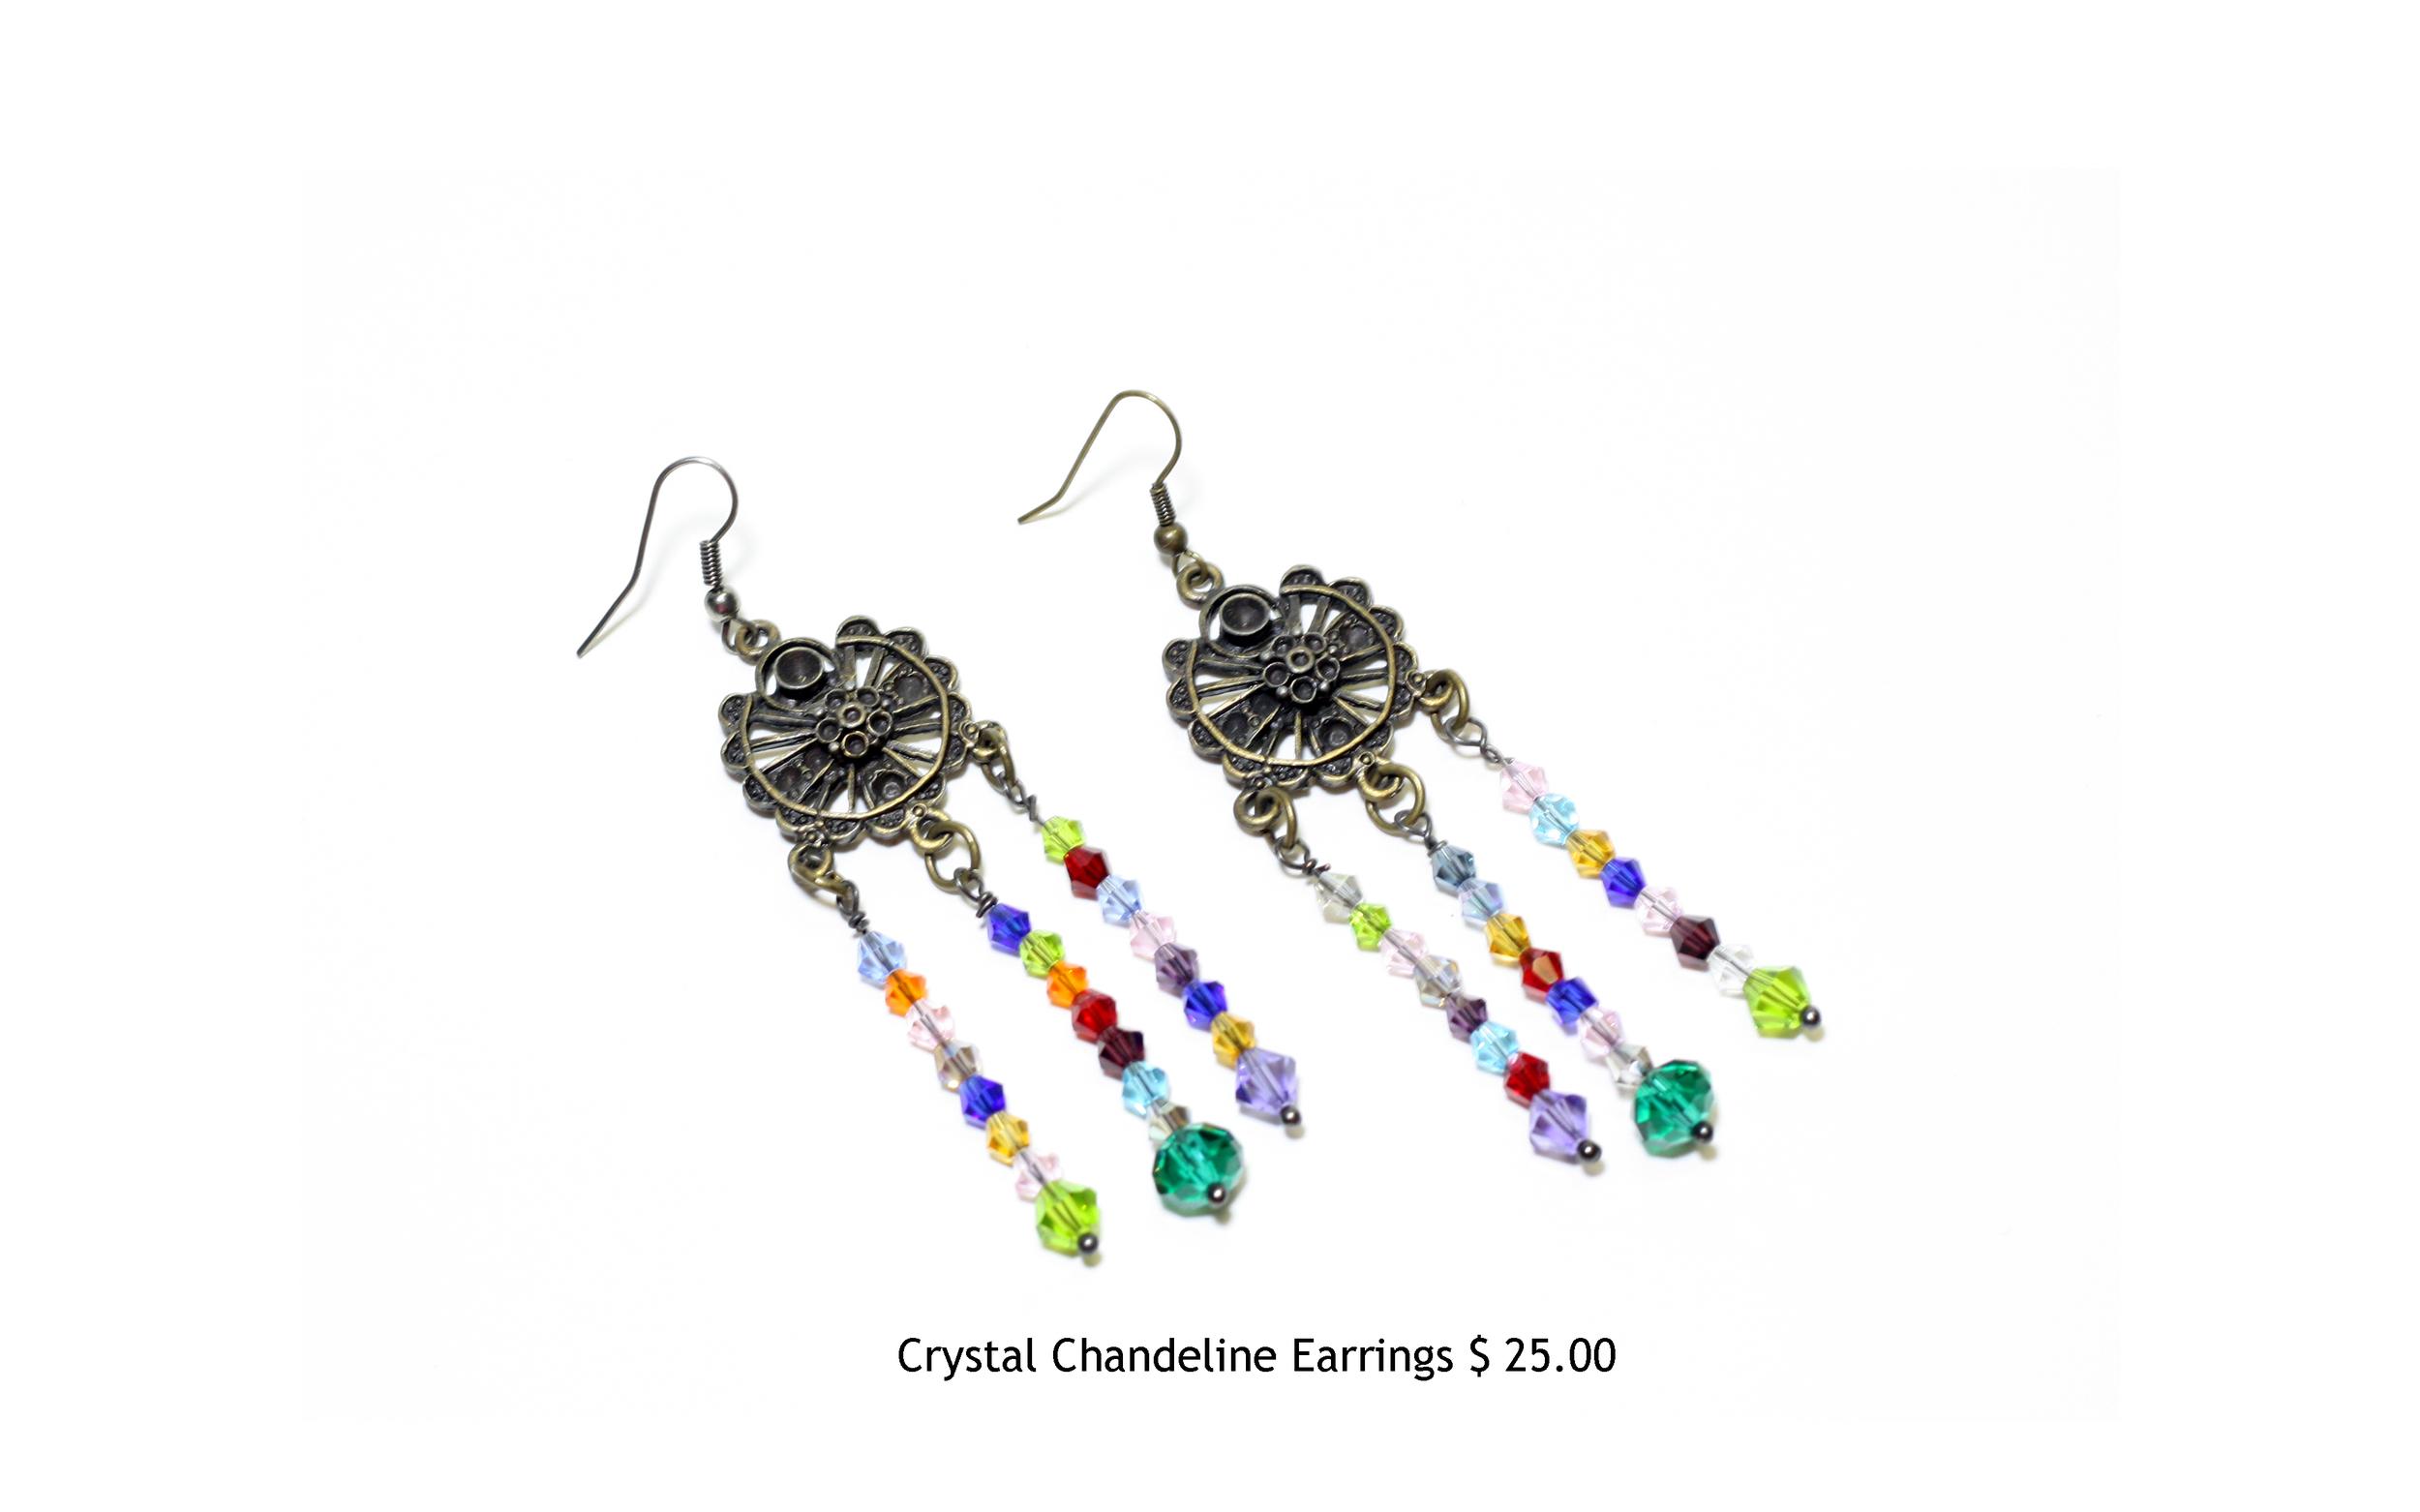 aretes de cristal pag web copy.jpg